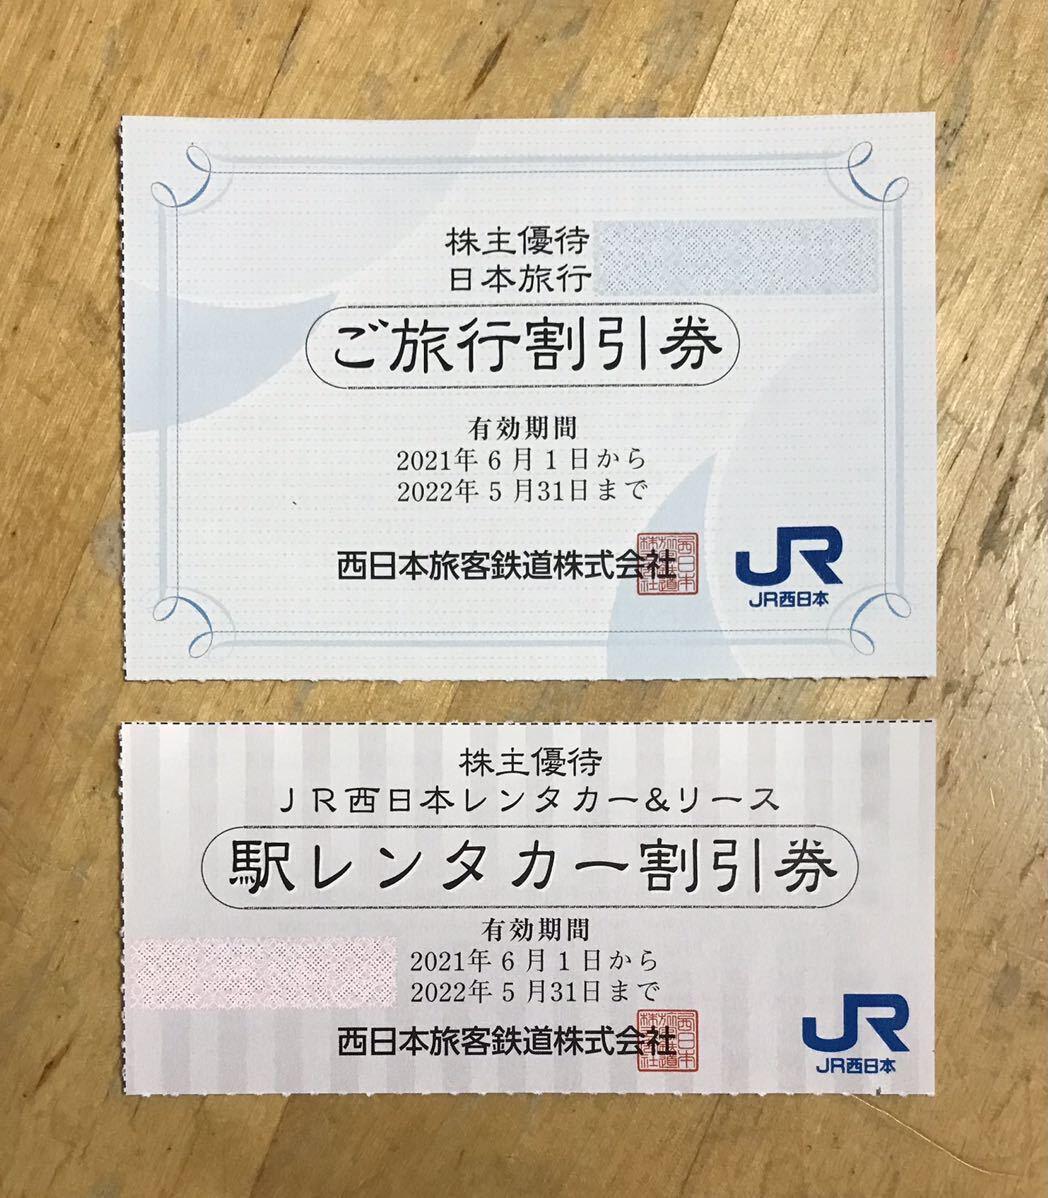 最新JR西日本株主優待 日本旅行 ご旅行割引券+駅レンタカー割引券 2022年5月31日まで有効_画像1